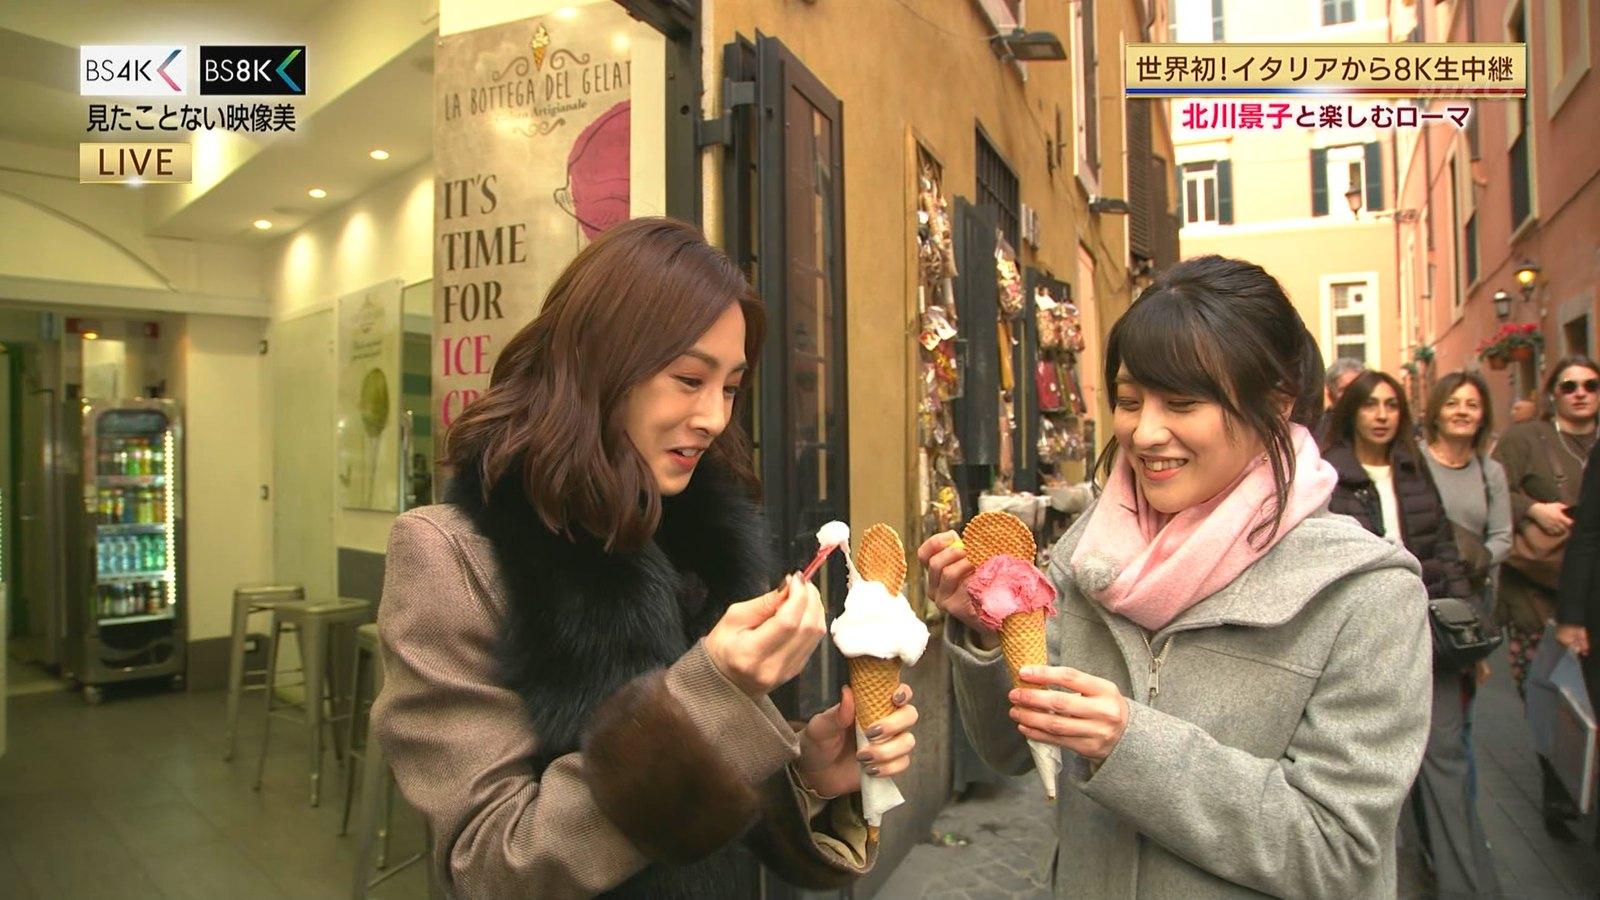 赤木野々花アナと北川景子がローマから生中継!